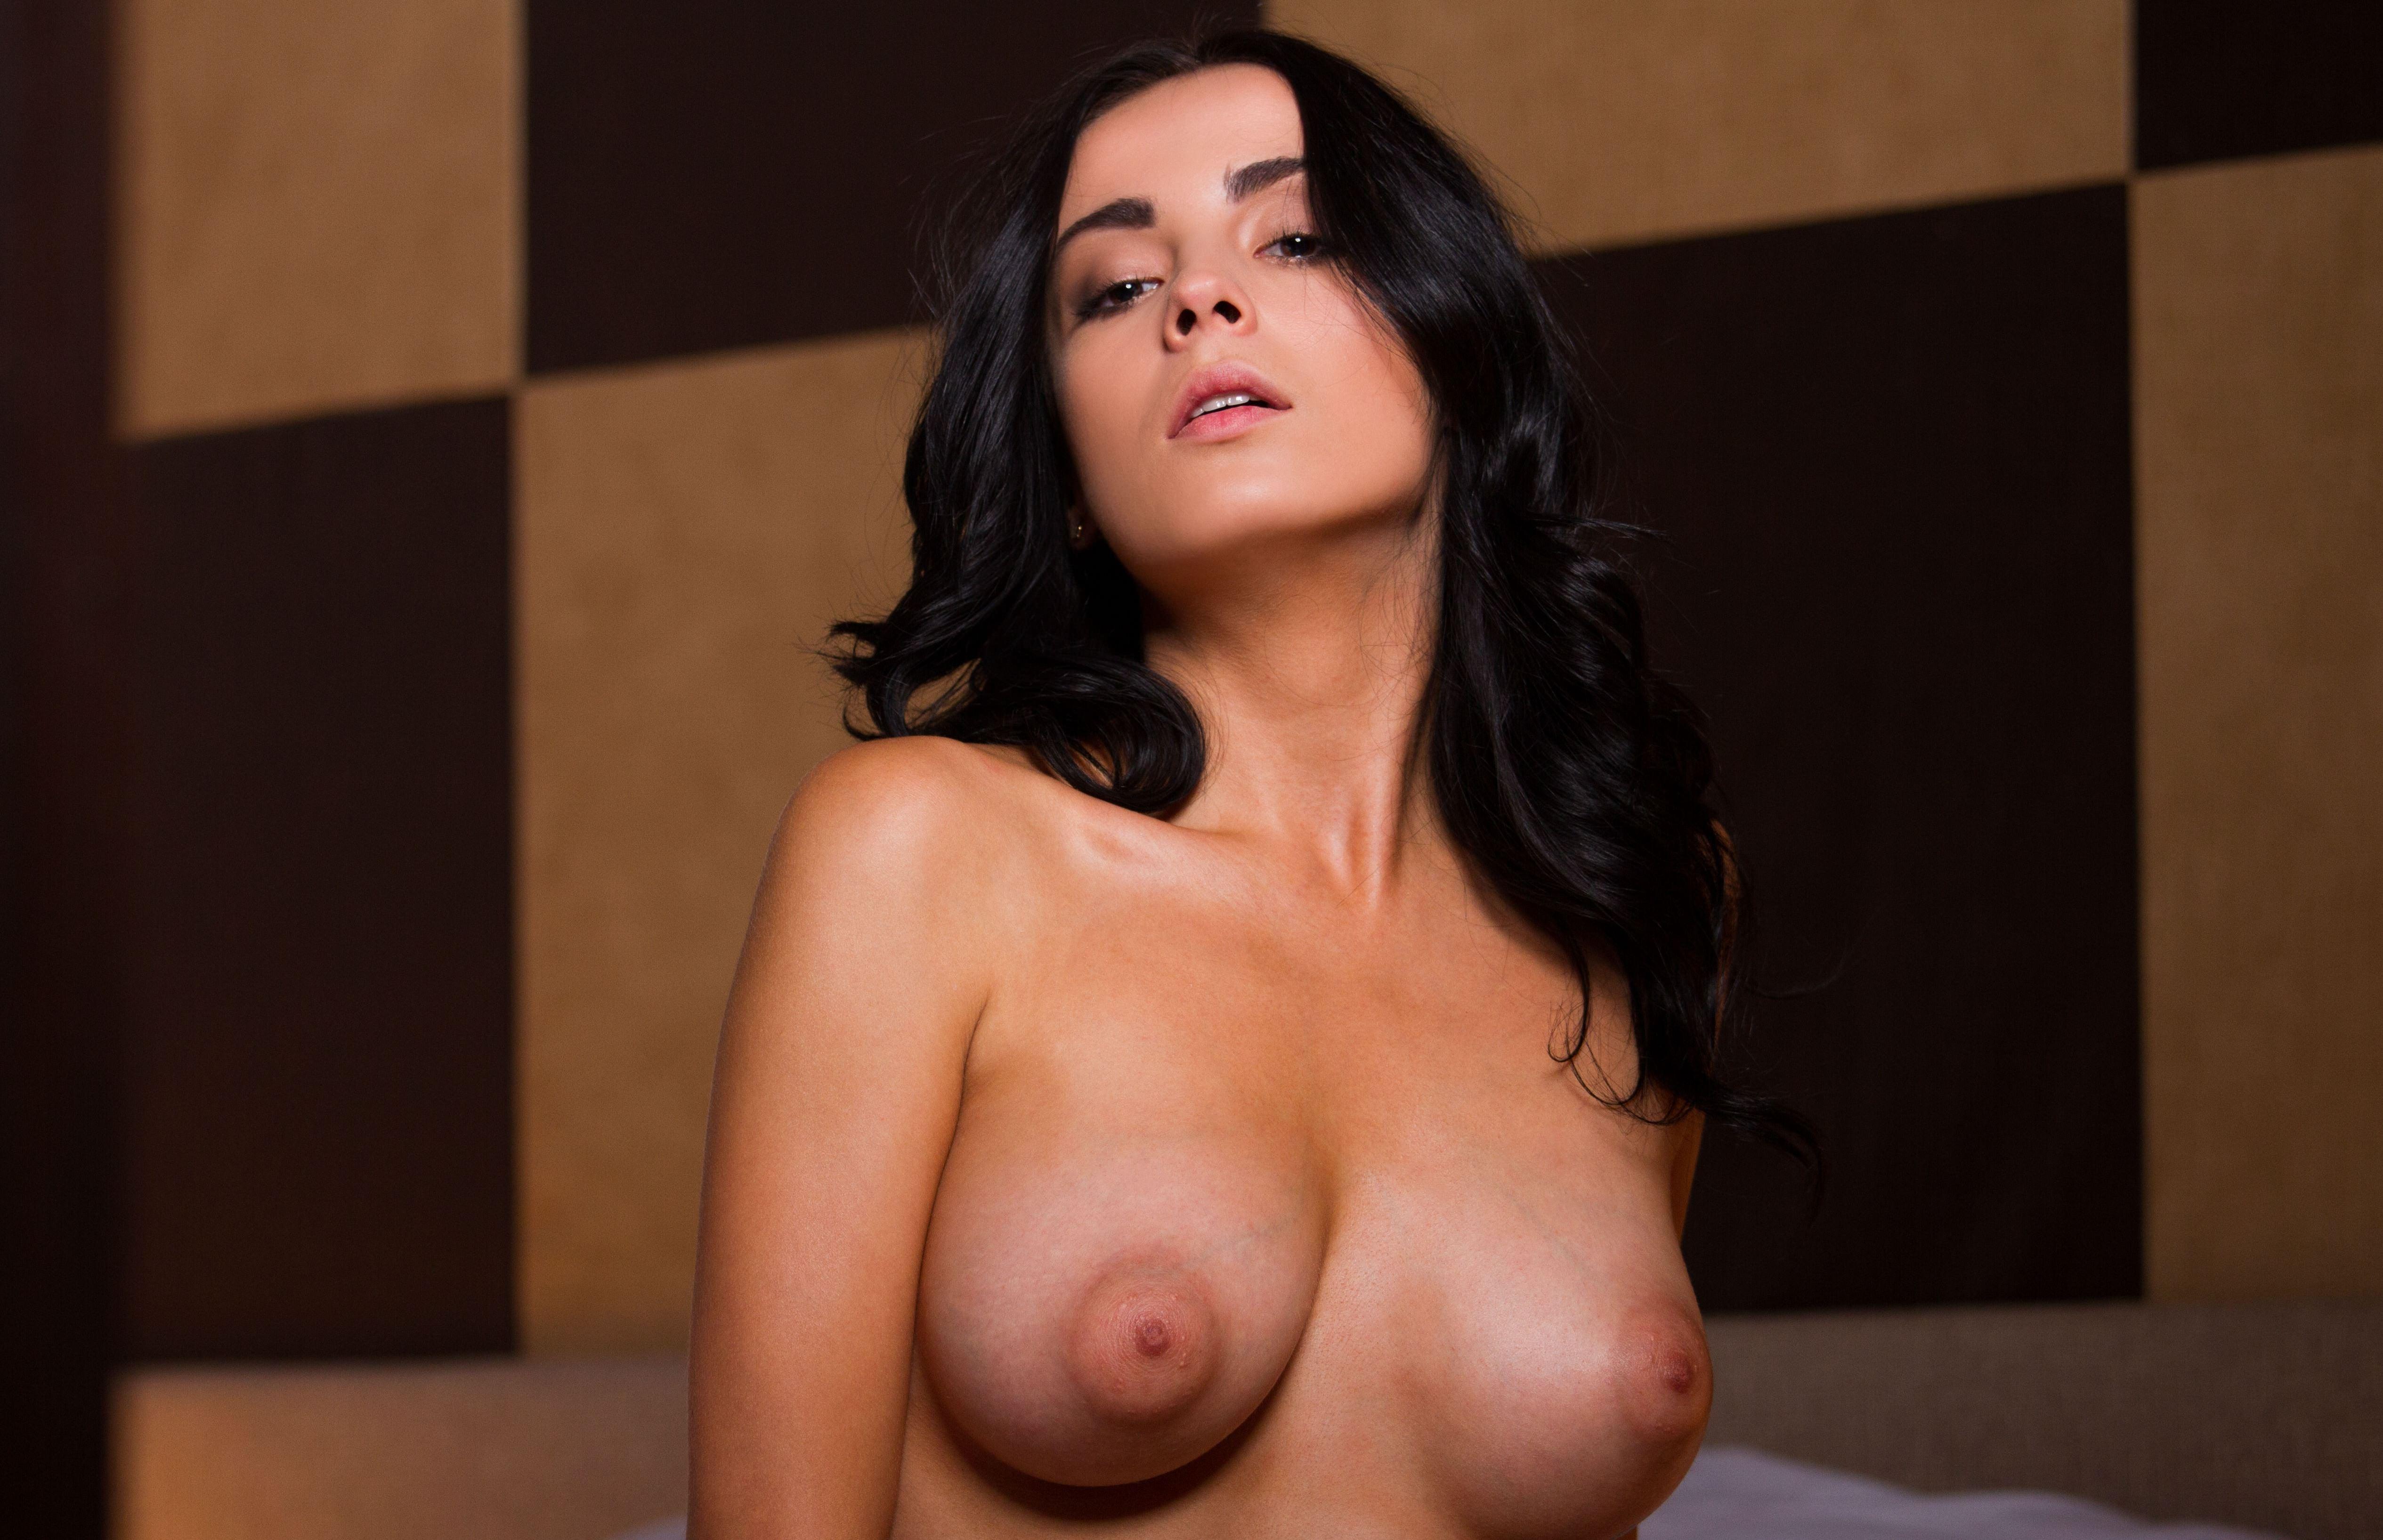 Фото Привлекательная девушка, черные волосы, голые сиськи, широкие соски, скачать картинку бесплатно